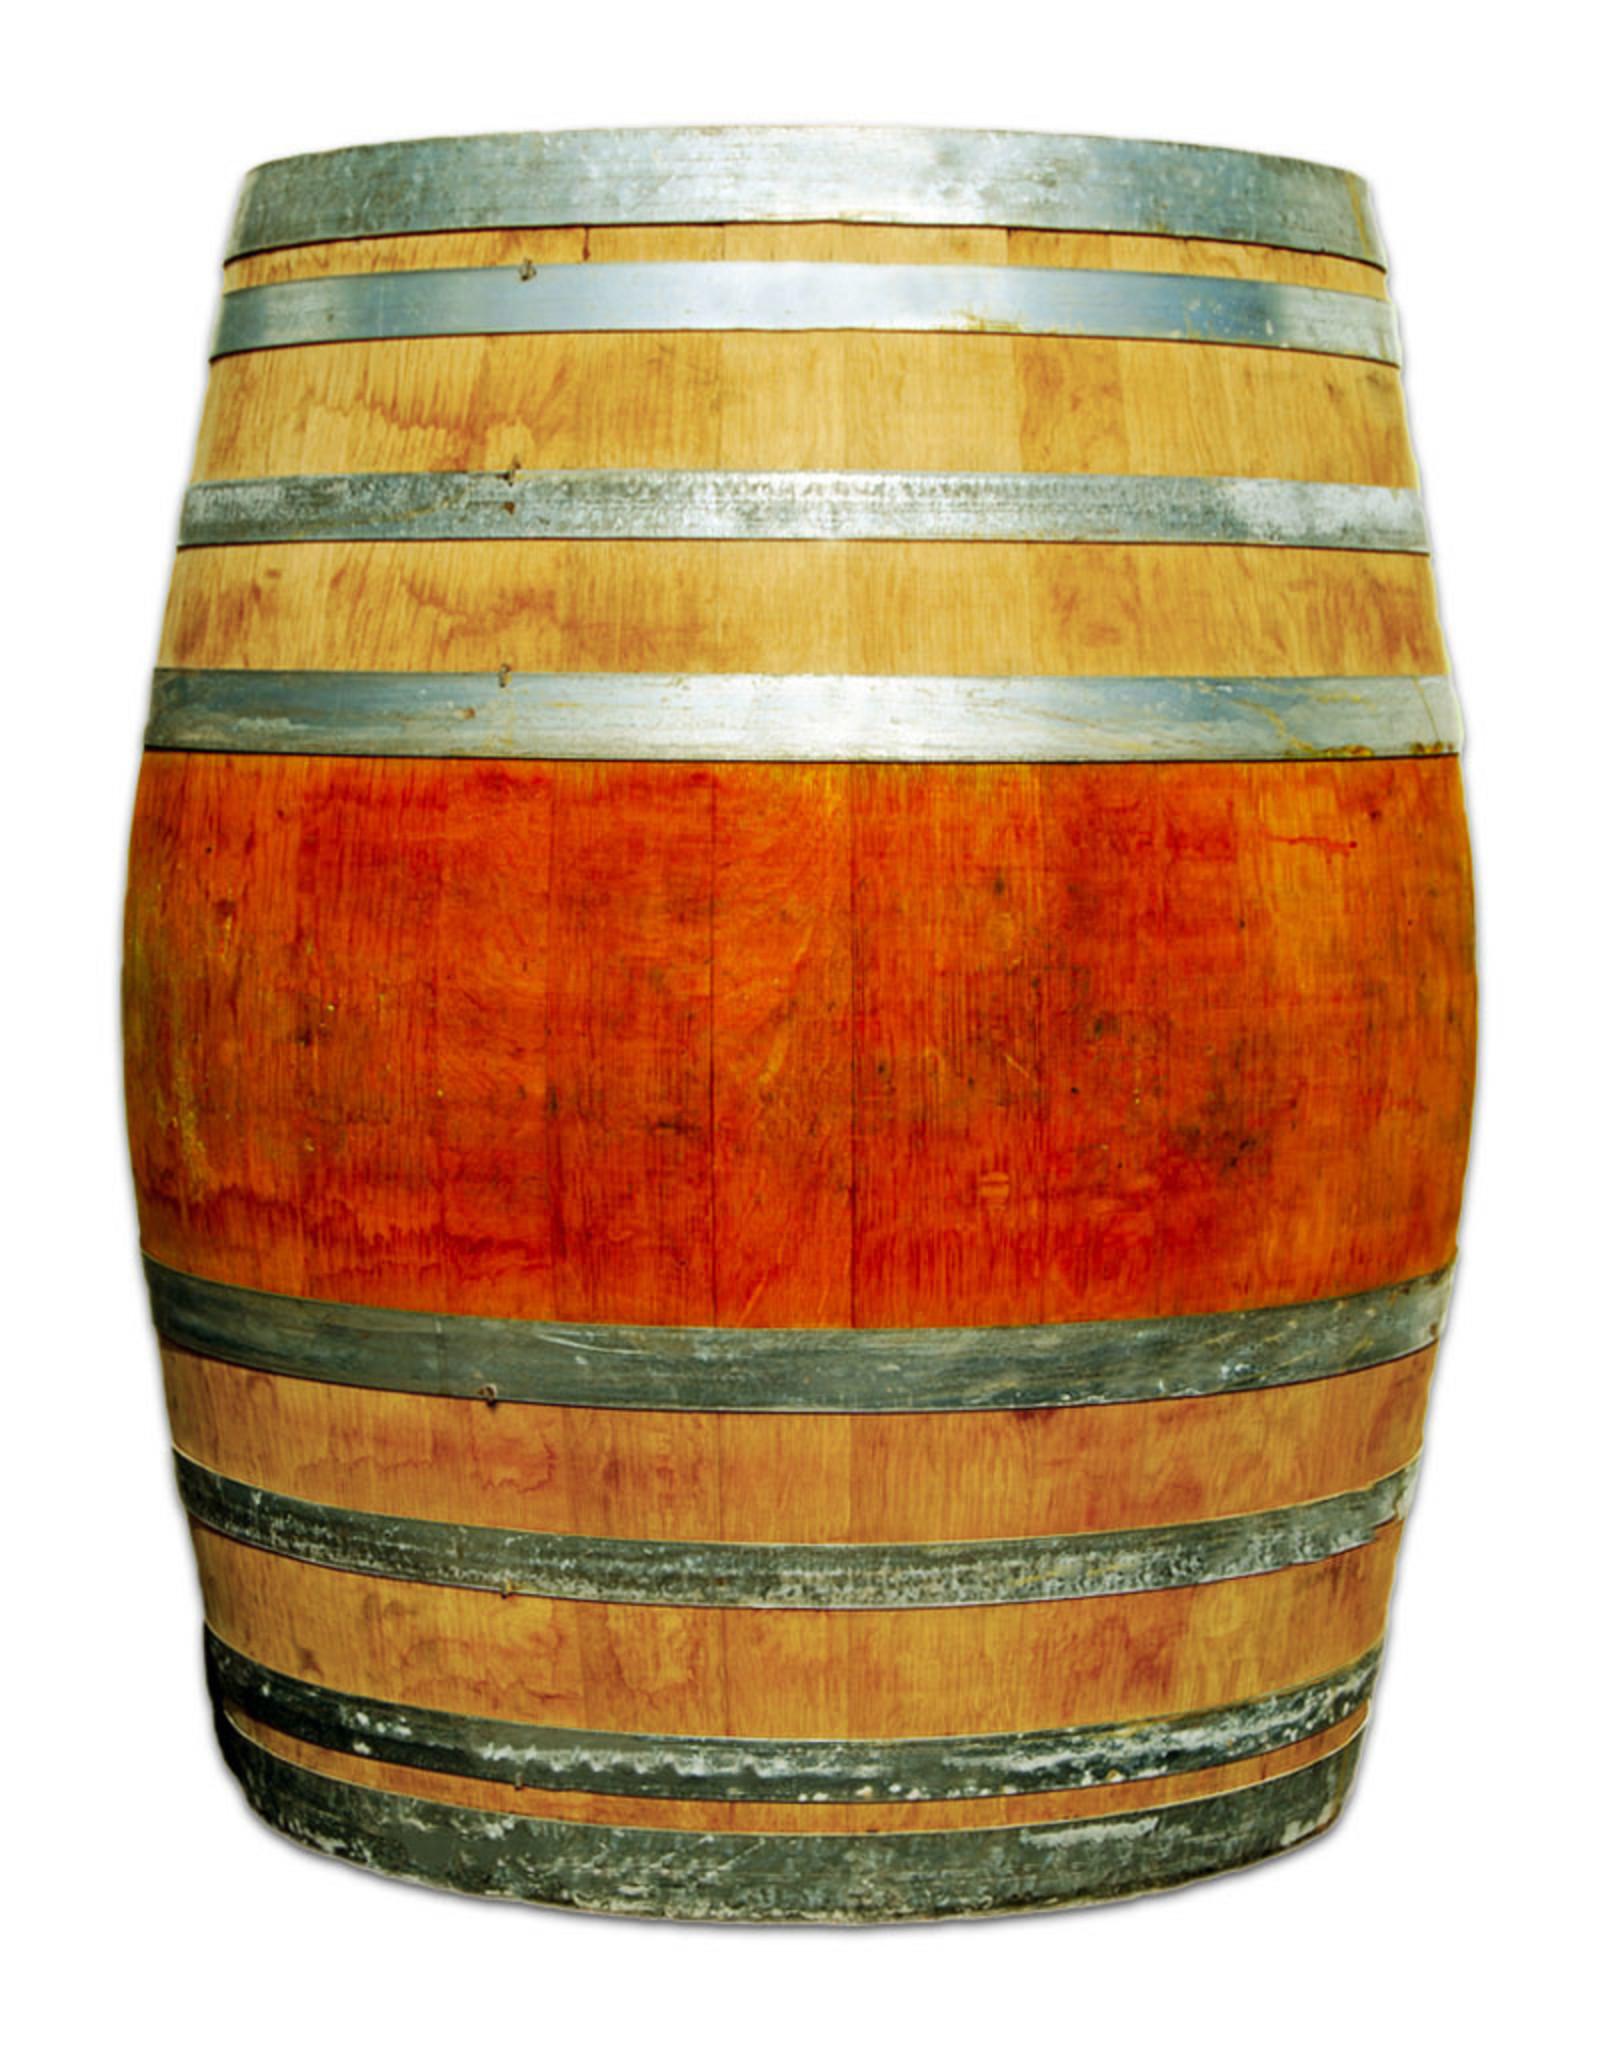 400 L RED WINE BARREL BERGERAC